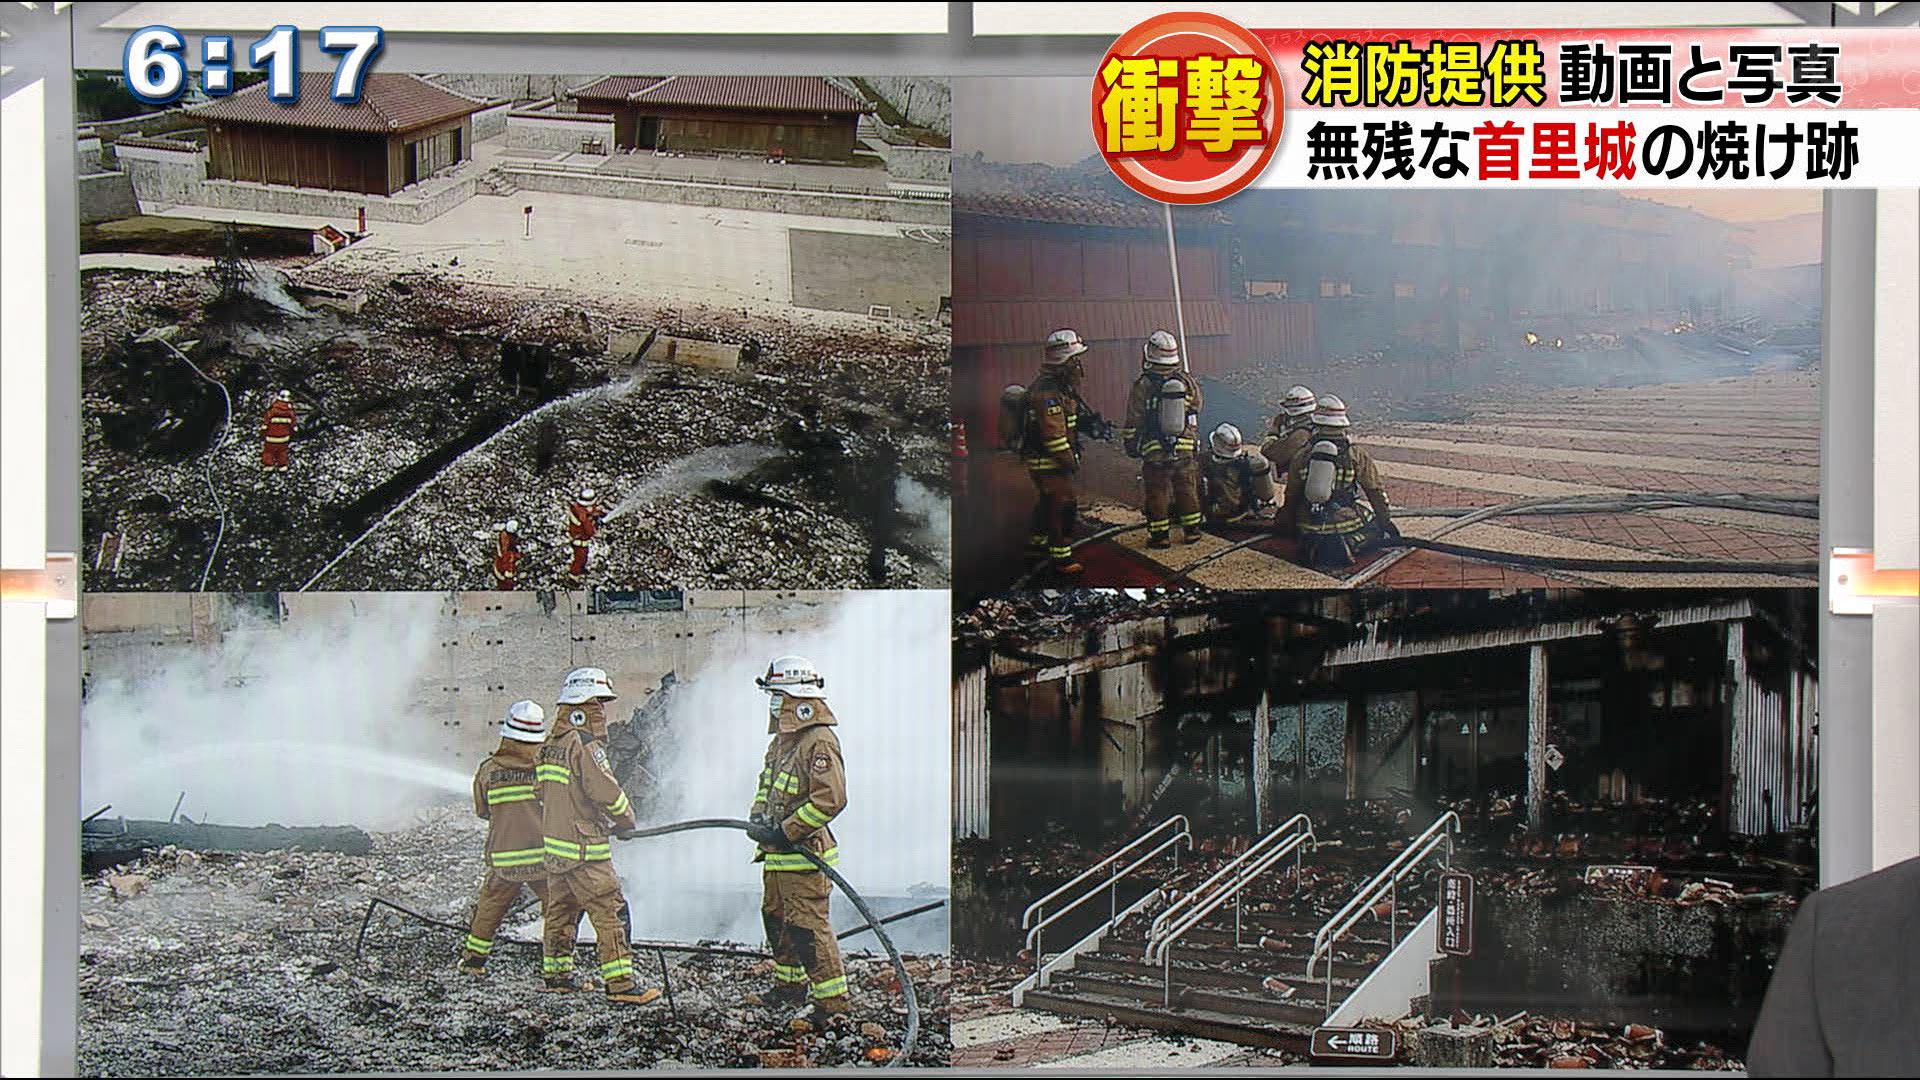 衝撃  消防隊員の11時間 炎と熱気 過酷な現場